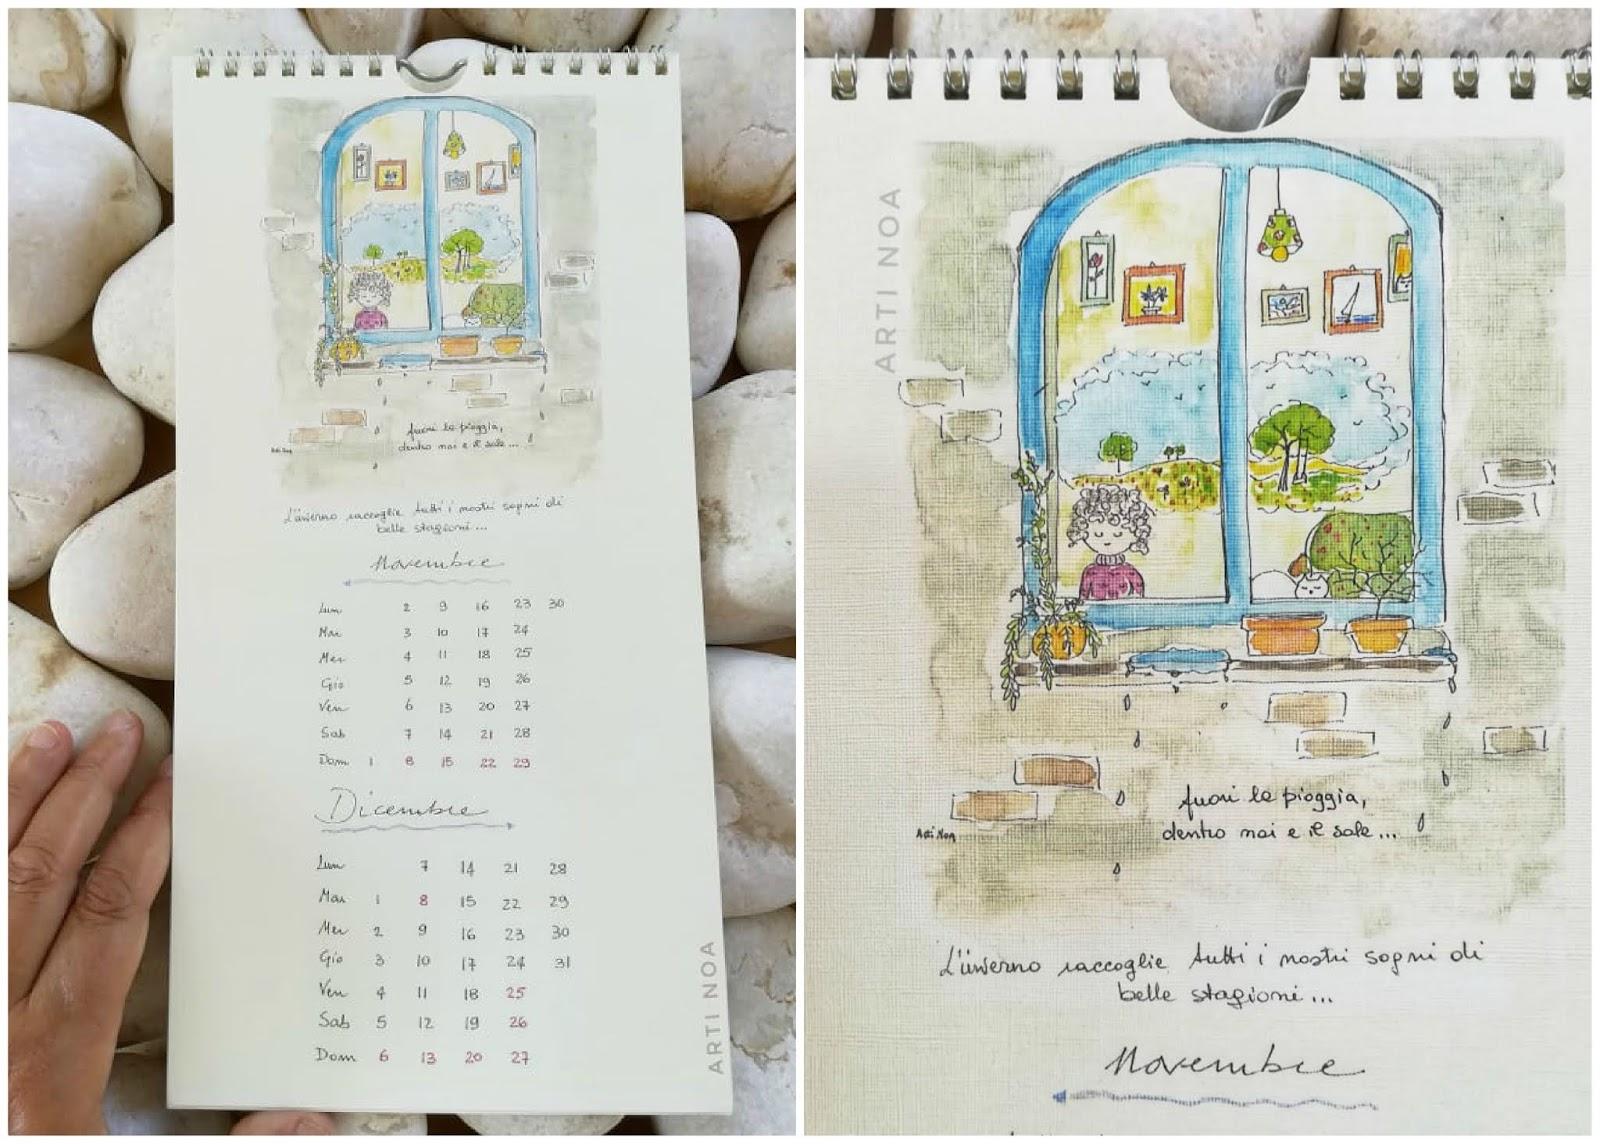 Calendario Novembre E Dicembre 2020.Calendario 2020 Gatti E Bimbe Arti Noa Arti Noa